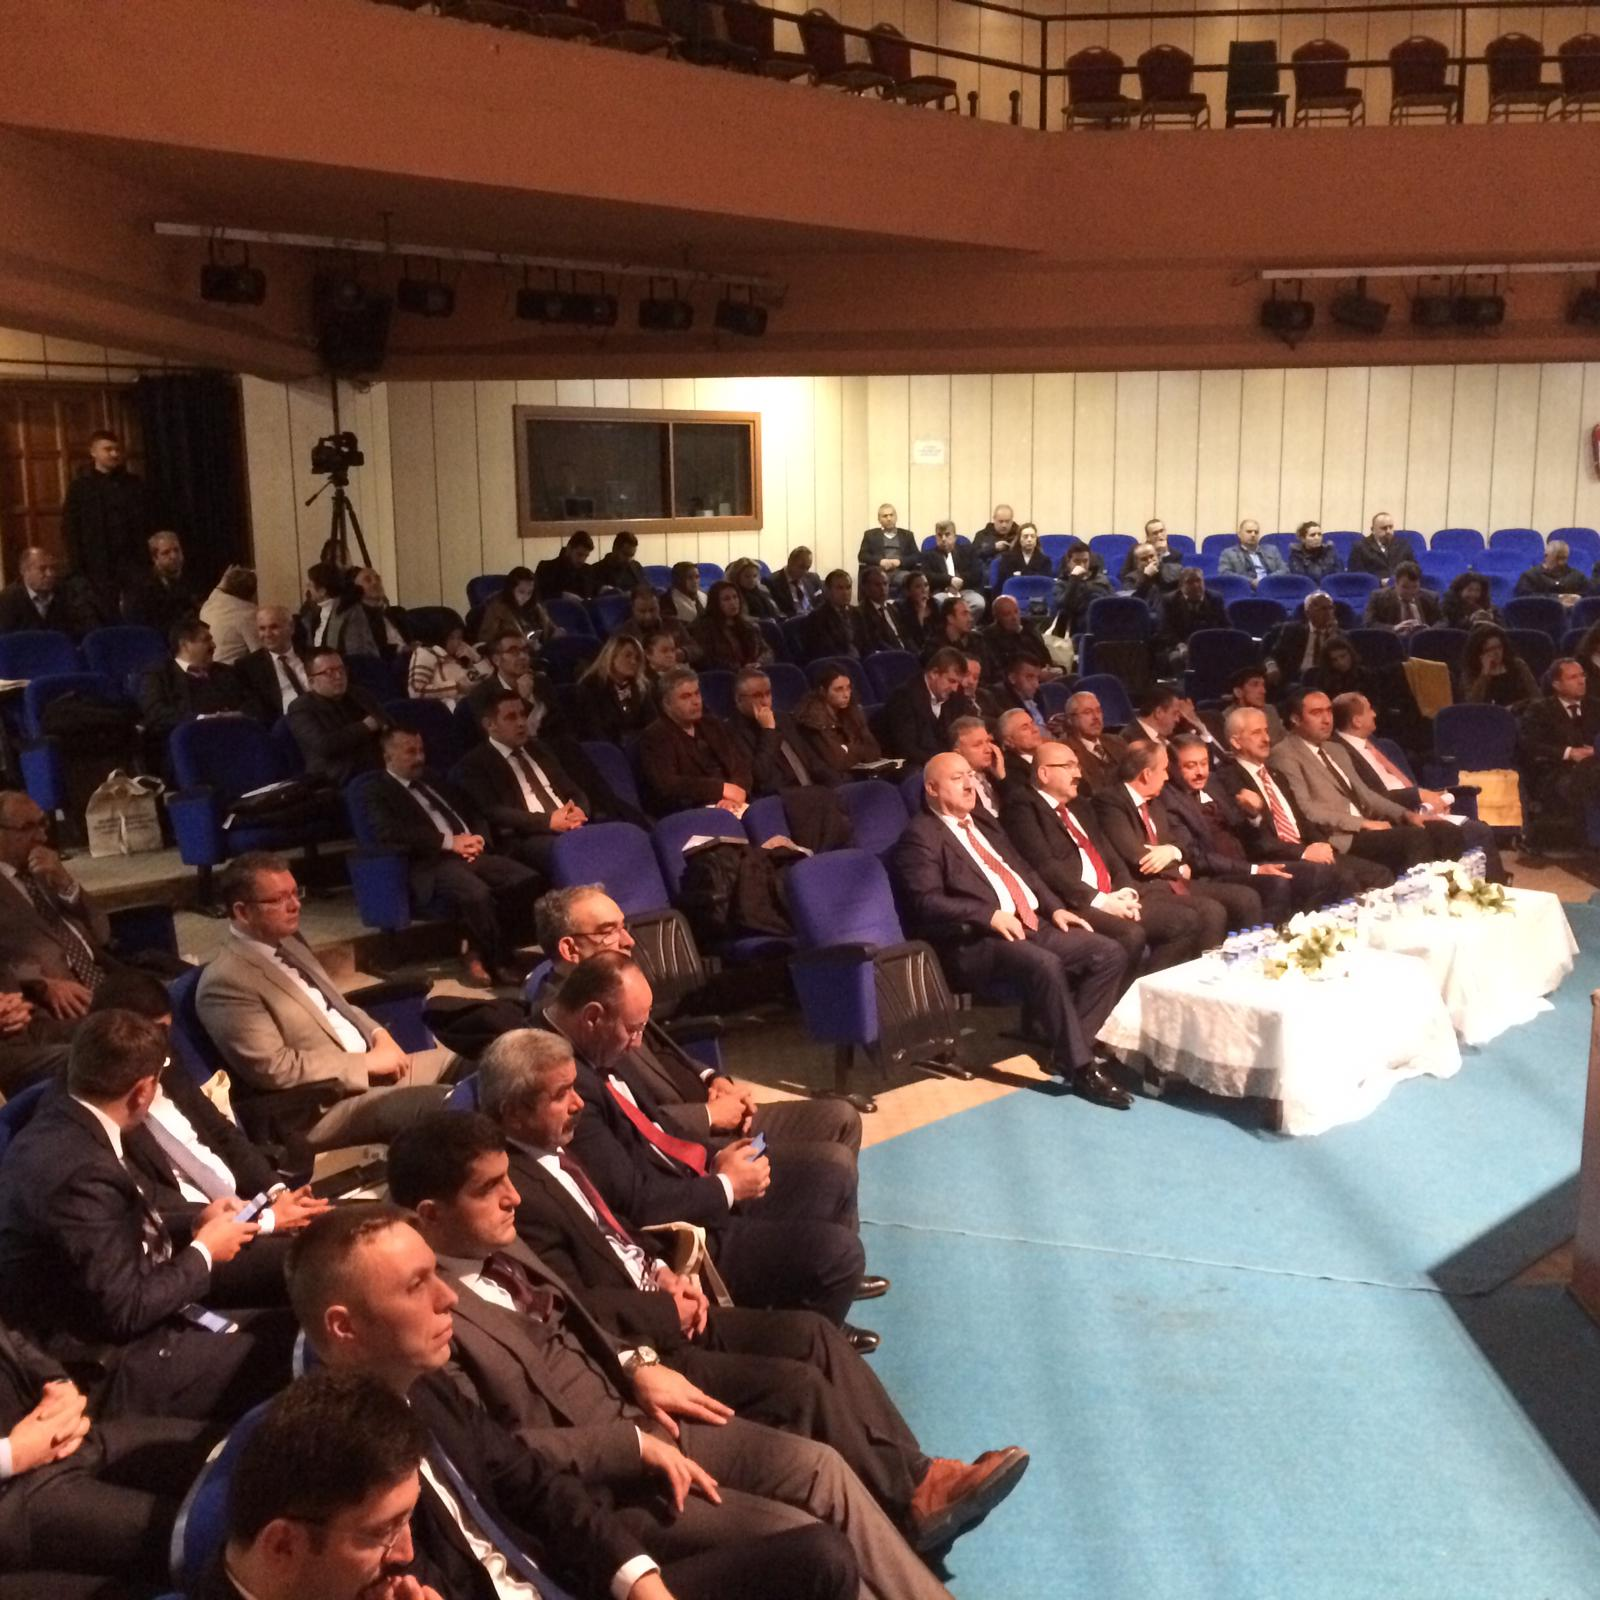 SÇD Yönetmeliği uygulamaları kapsamında ilk Kapsam Belirleme Toplantısı Burdur'da gerçekleştirilmiştir.